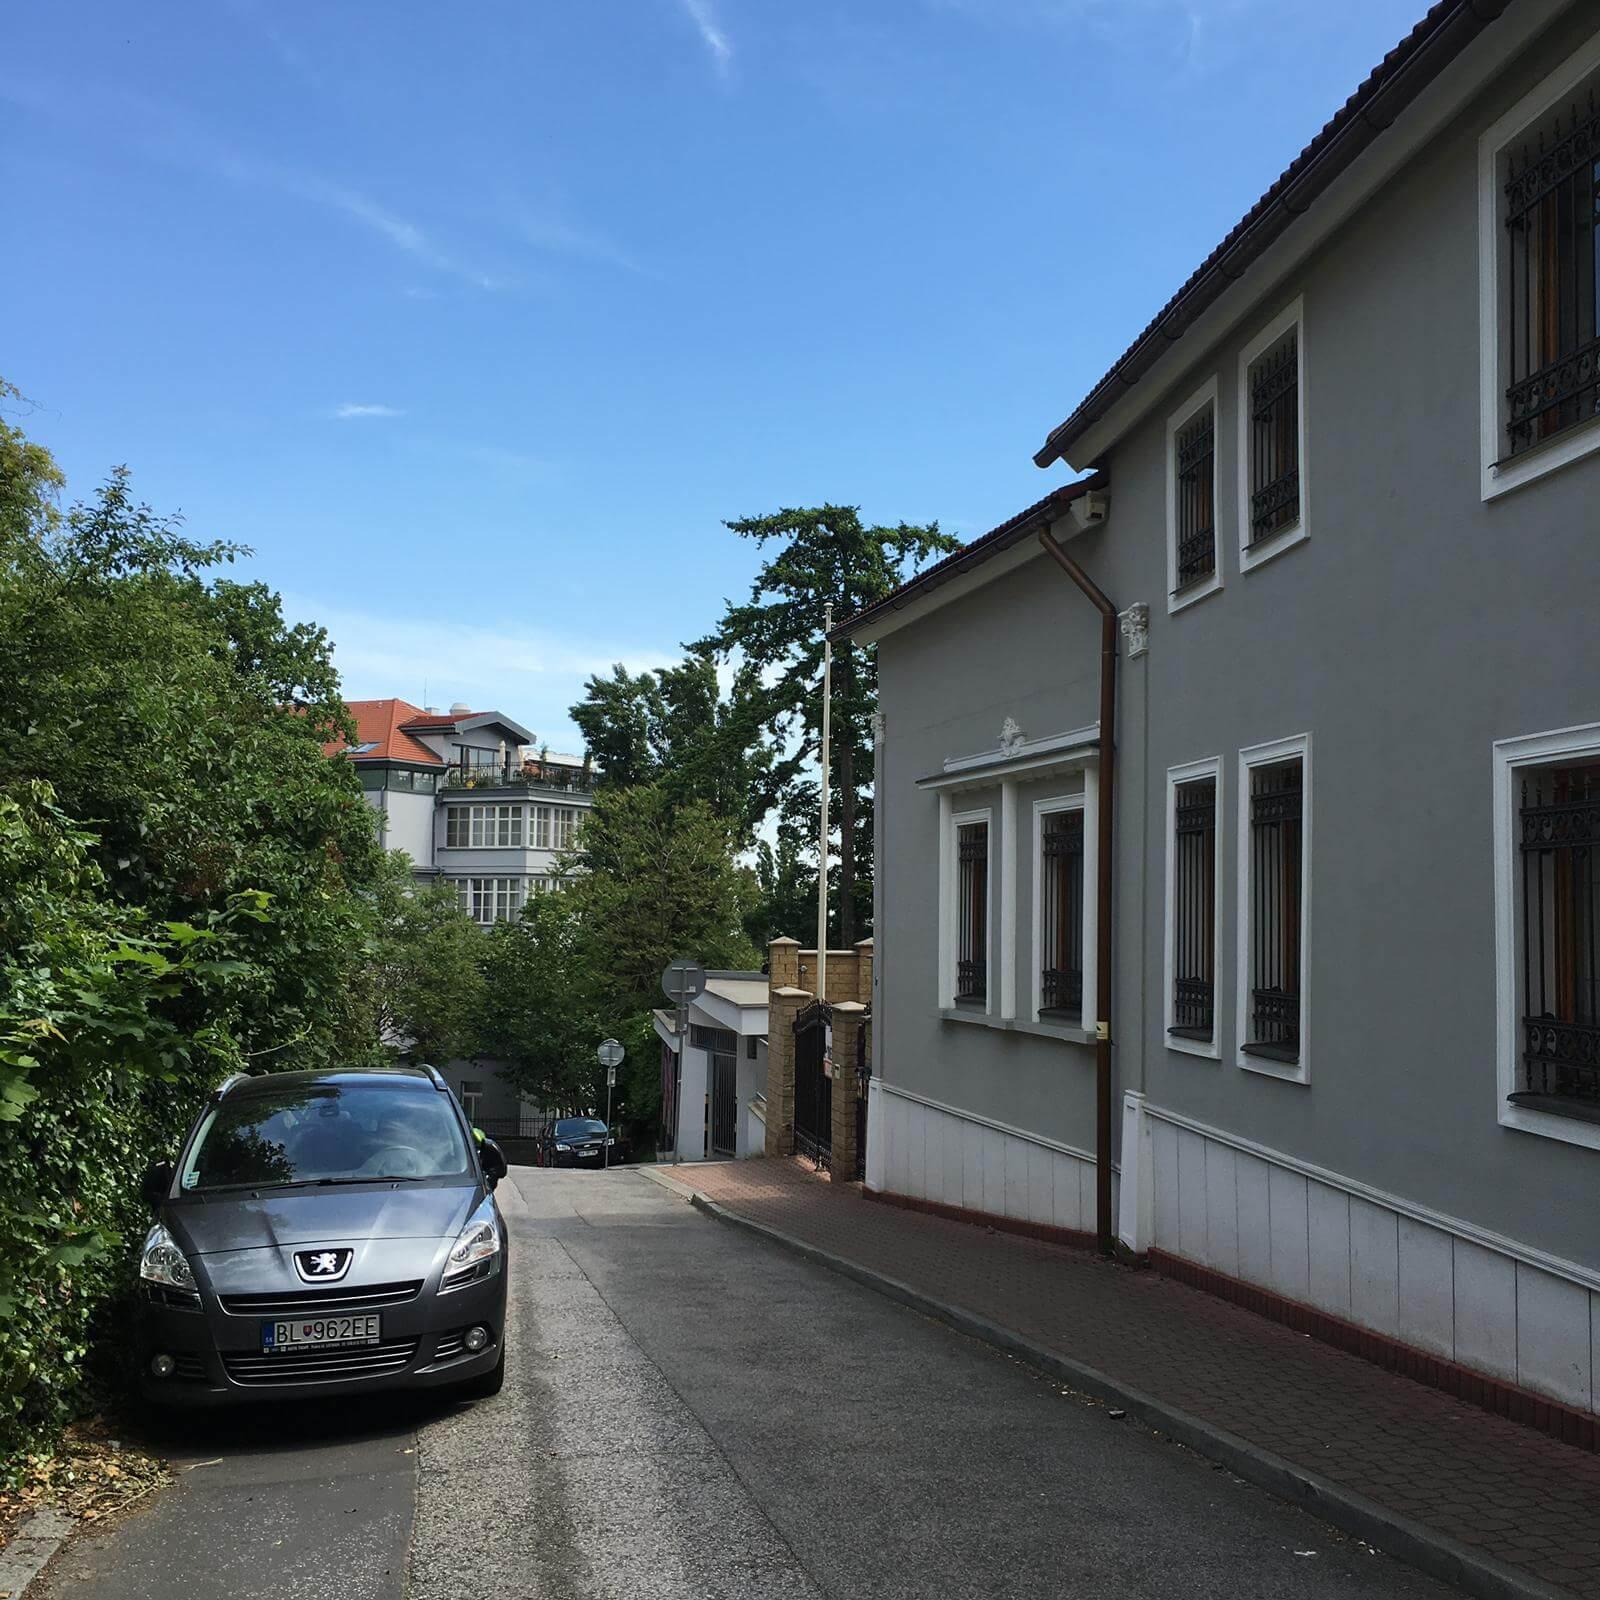 Prenajate: Prenájom 4 izbového luxusného bytu, Pri Slavíne, novostavba, 2x parkovanie, Boženy Nemcovej, Centrum-50